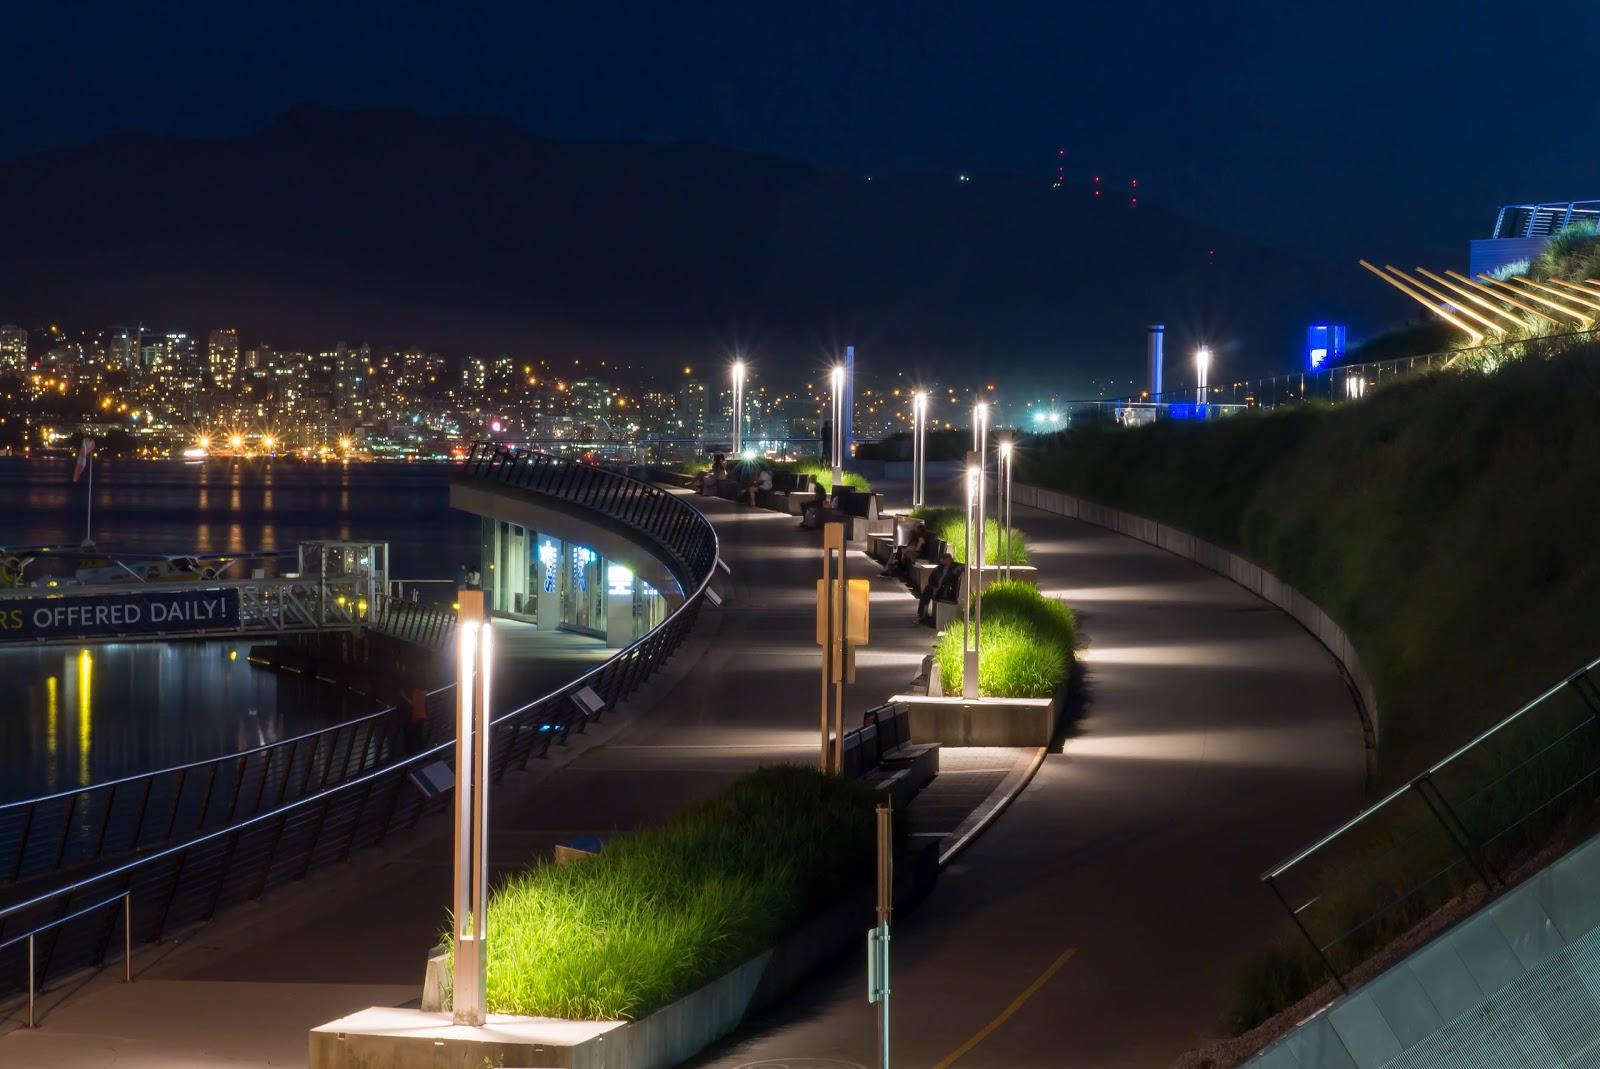 Возвращаемся к Ванкуверскому конференц-центру. С наступлением темноты прогулочная дорожка вокруг конференц-центра выглядит совсем по другому.